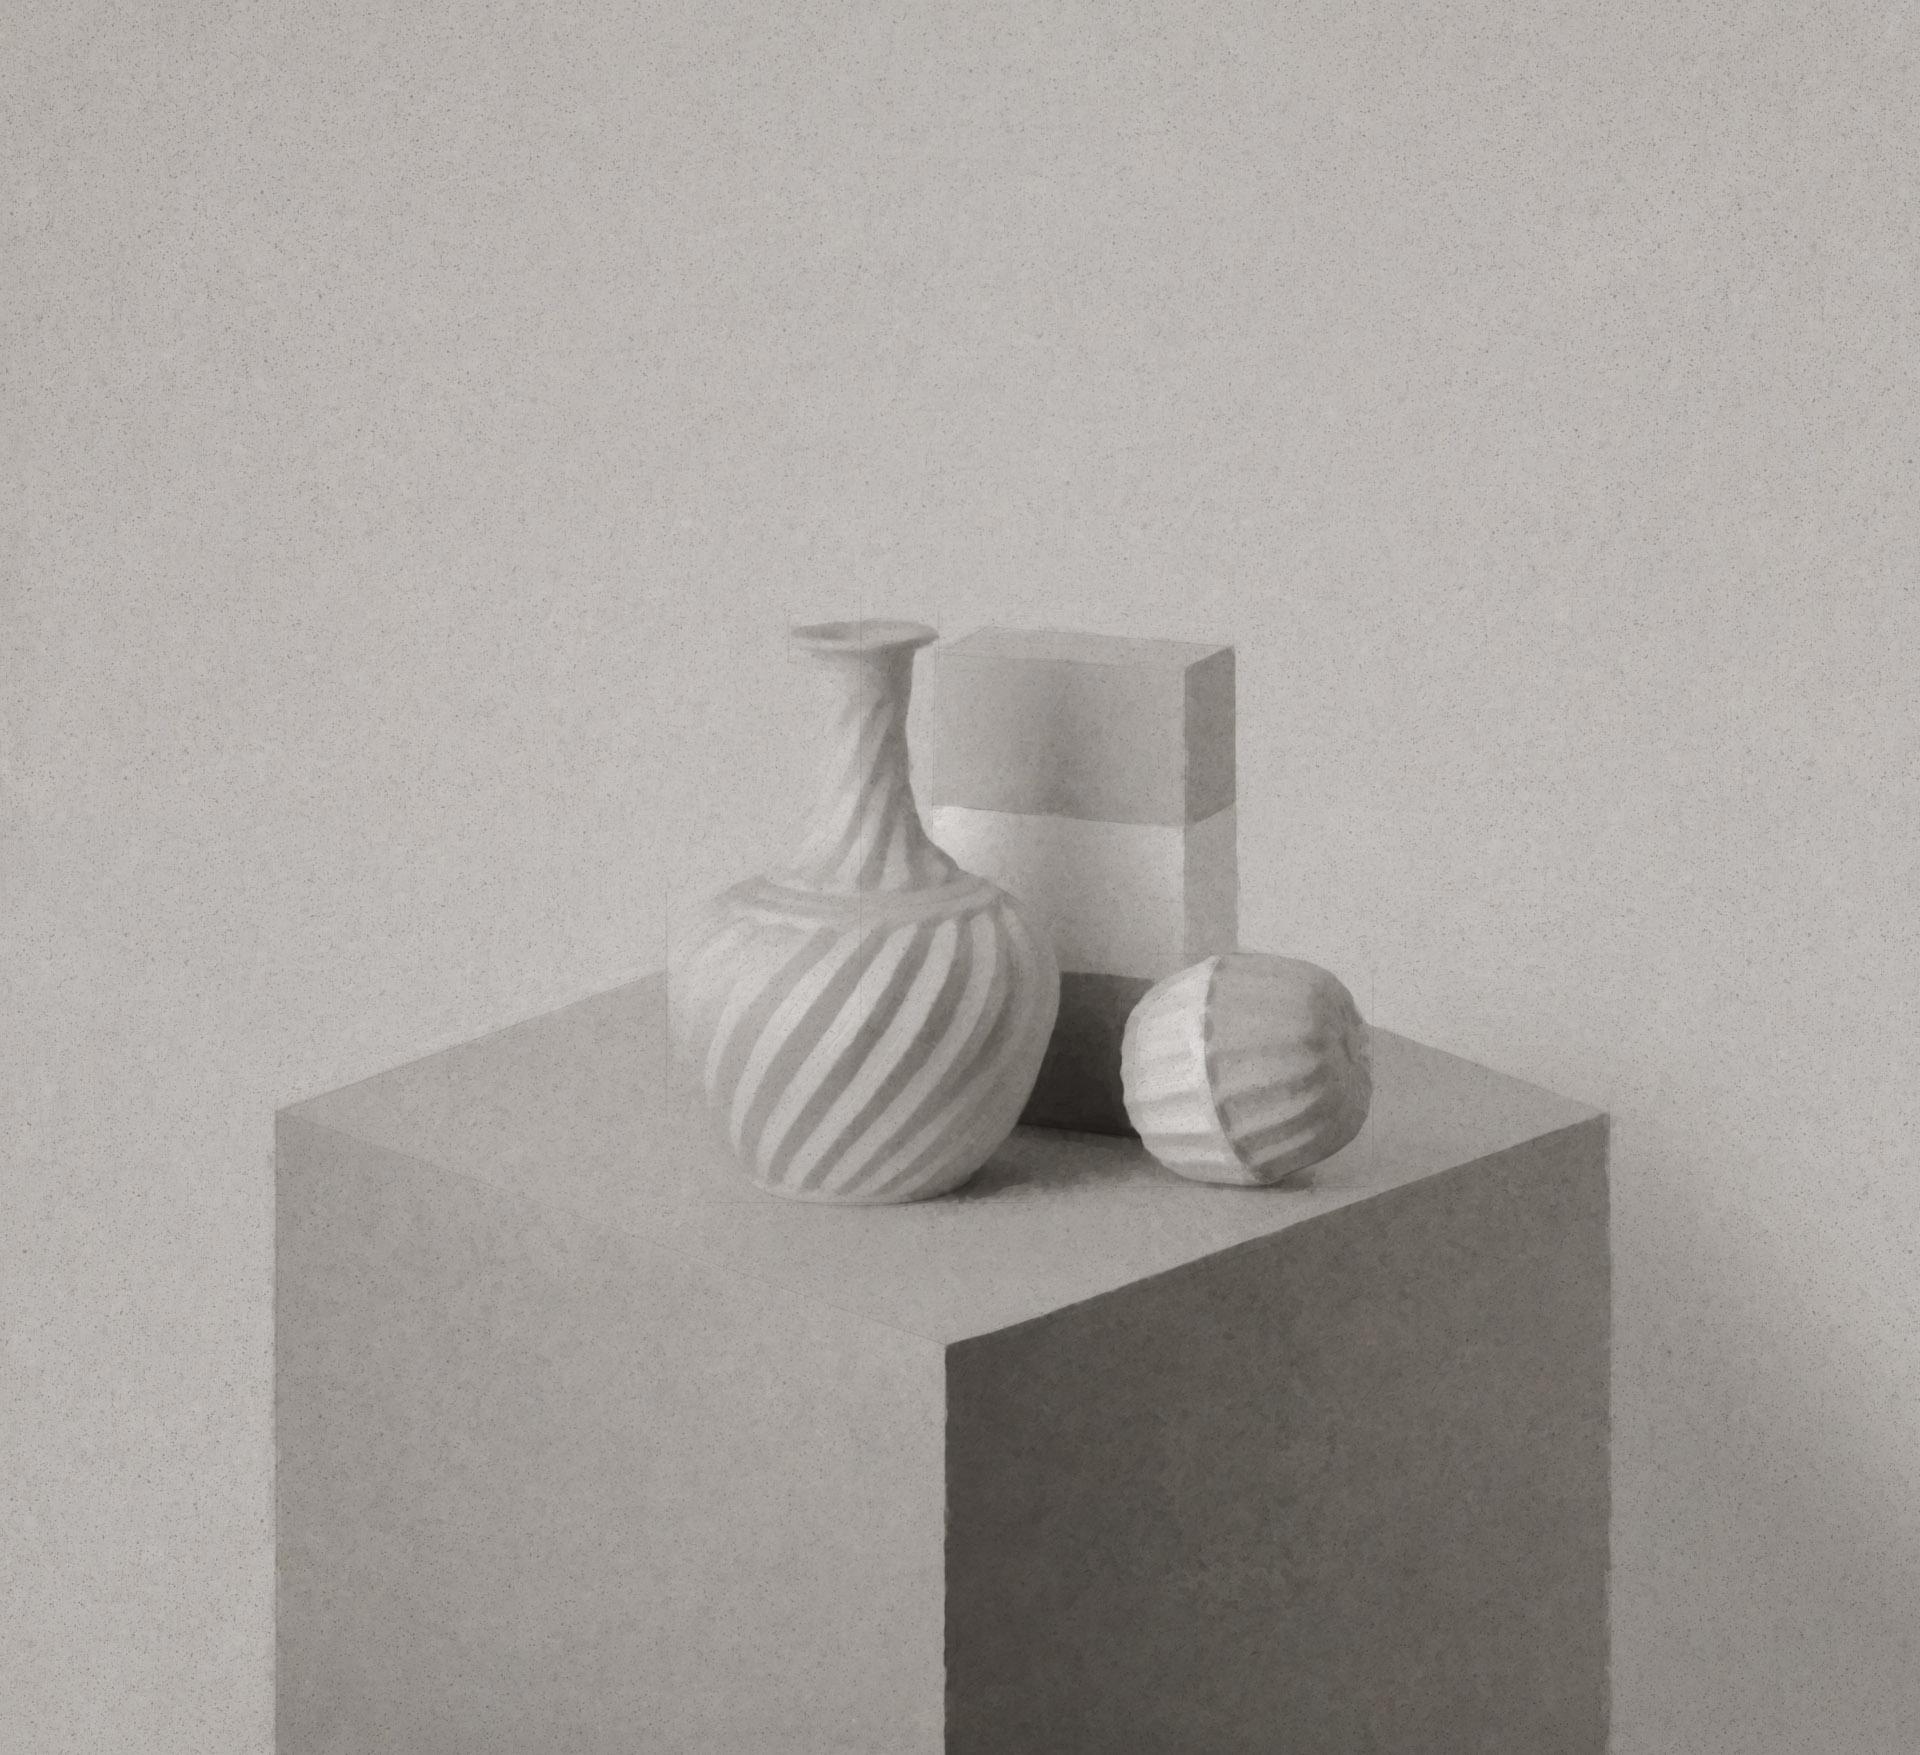 Morandi on a Pedestal 184